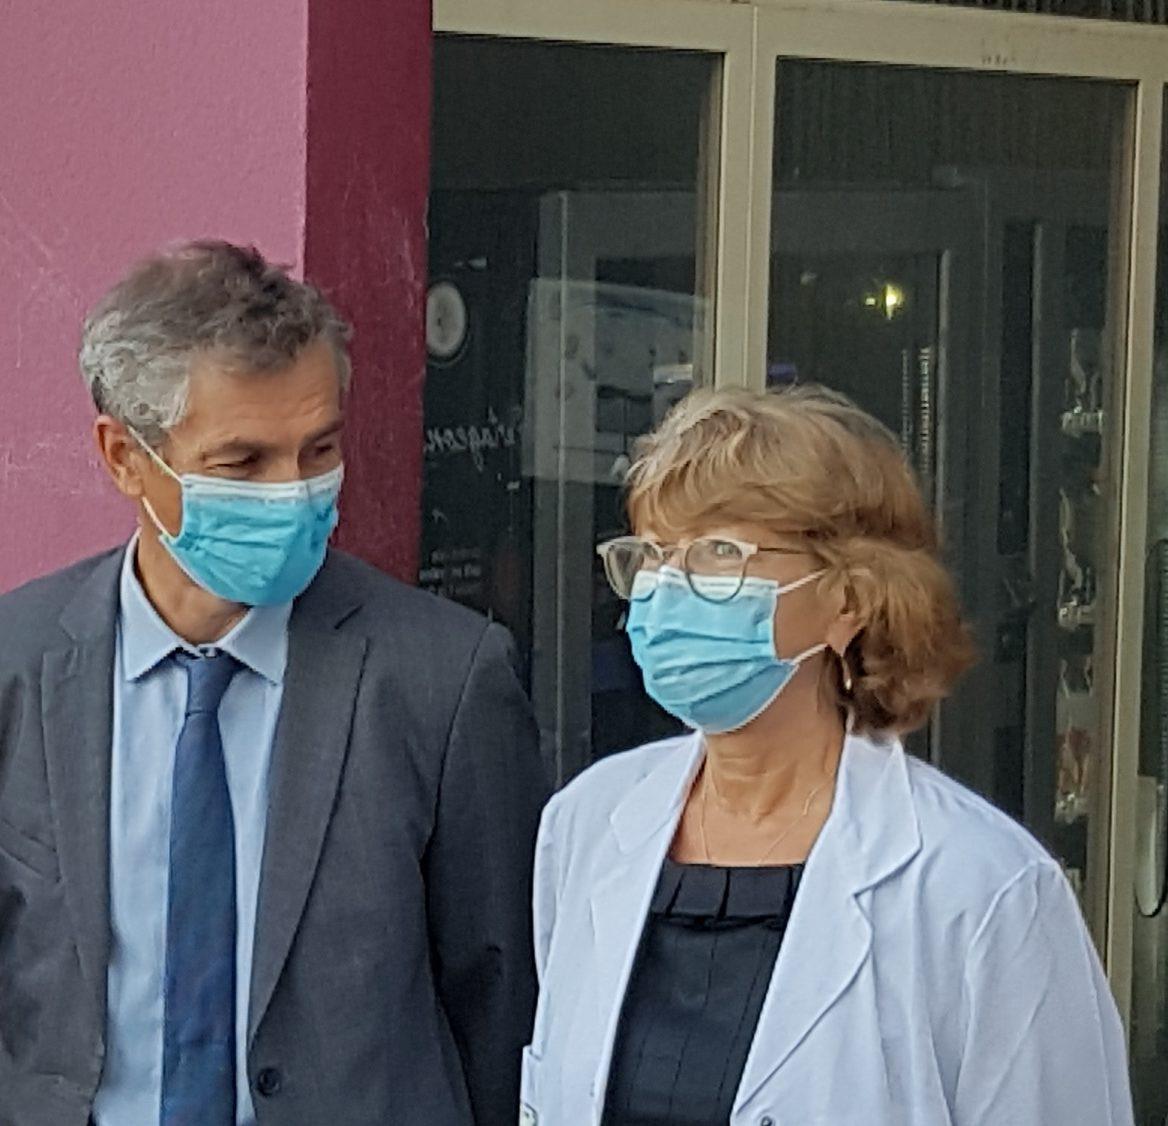 13-08-21 : Alain Guinamant, dir. du CH de Carcassonne & le Dr Sonia Lazarovici, prés. de la Commission médicale d'établissement